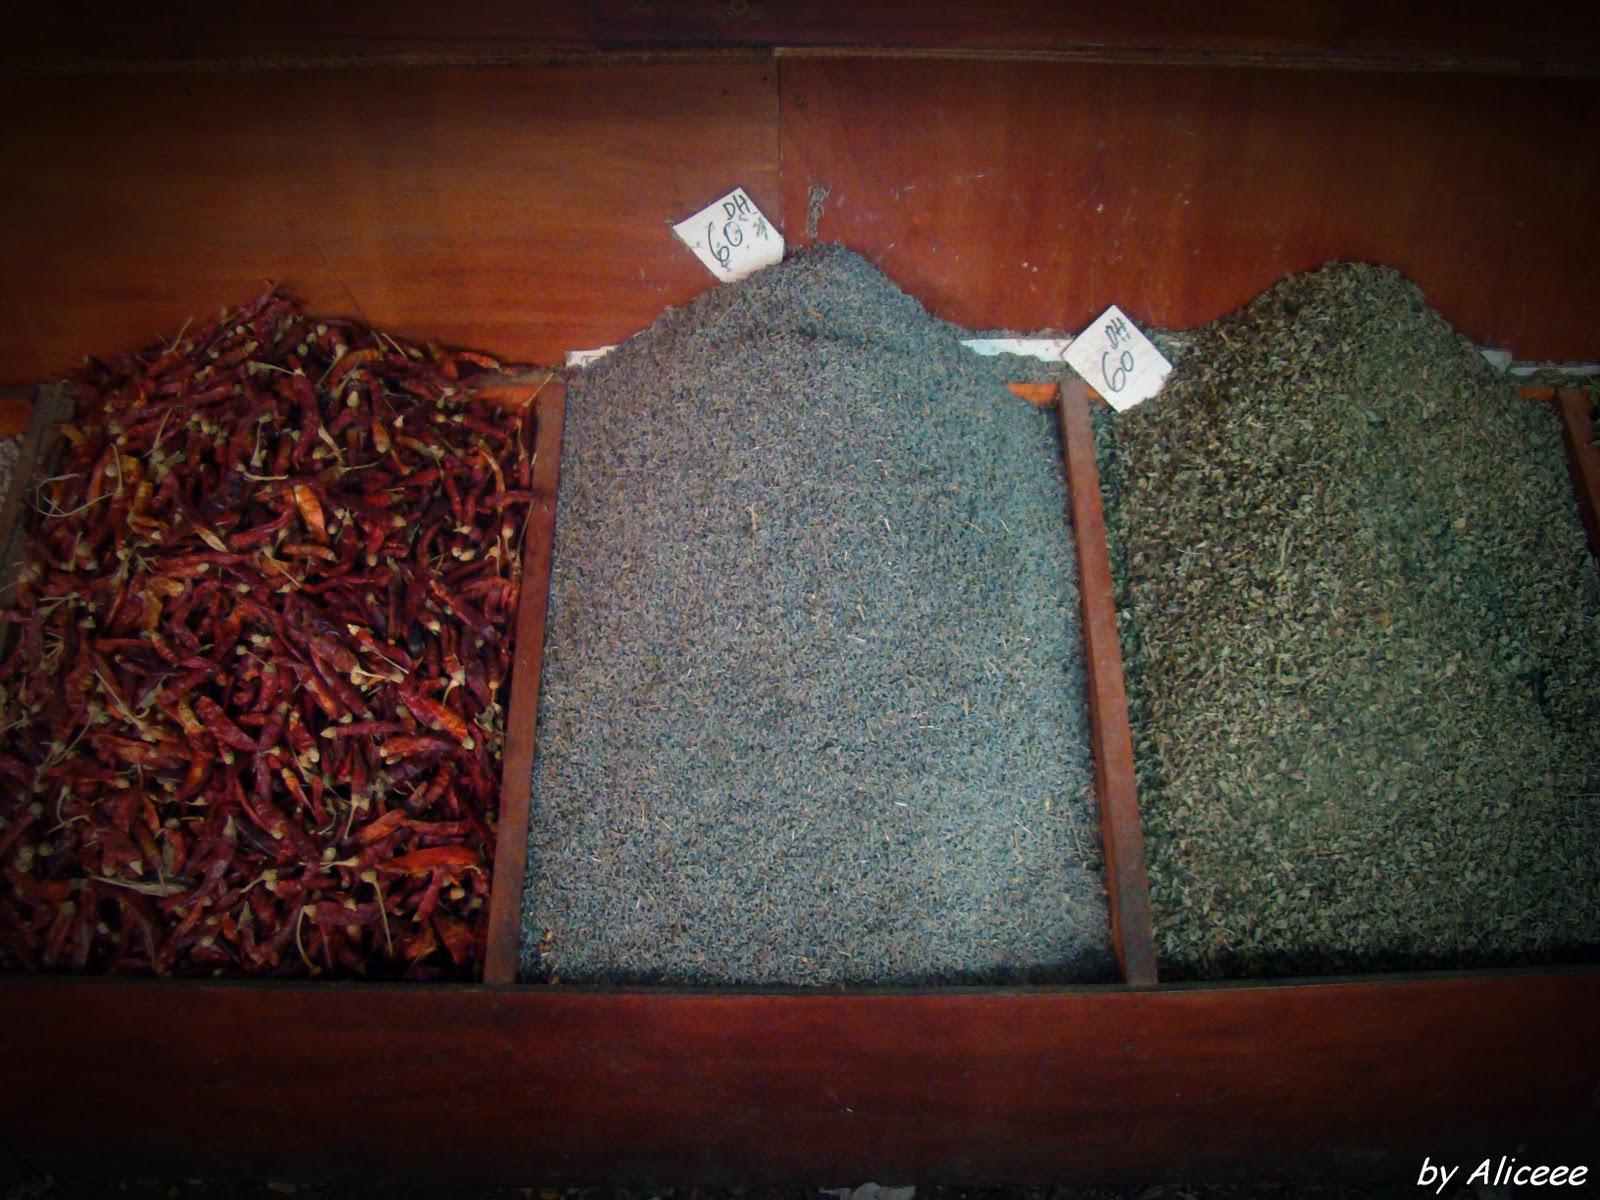 chilli-mac-ierburi-maroc